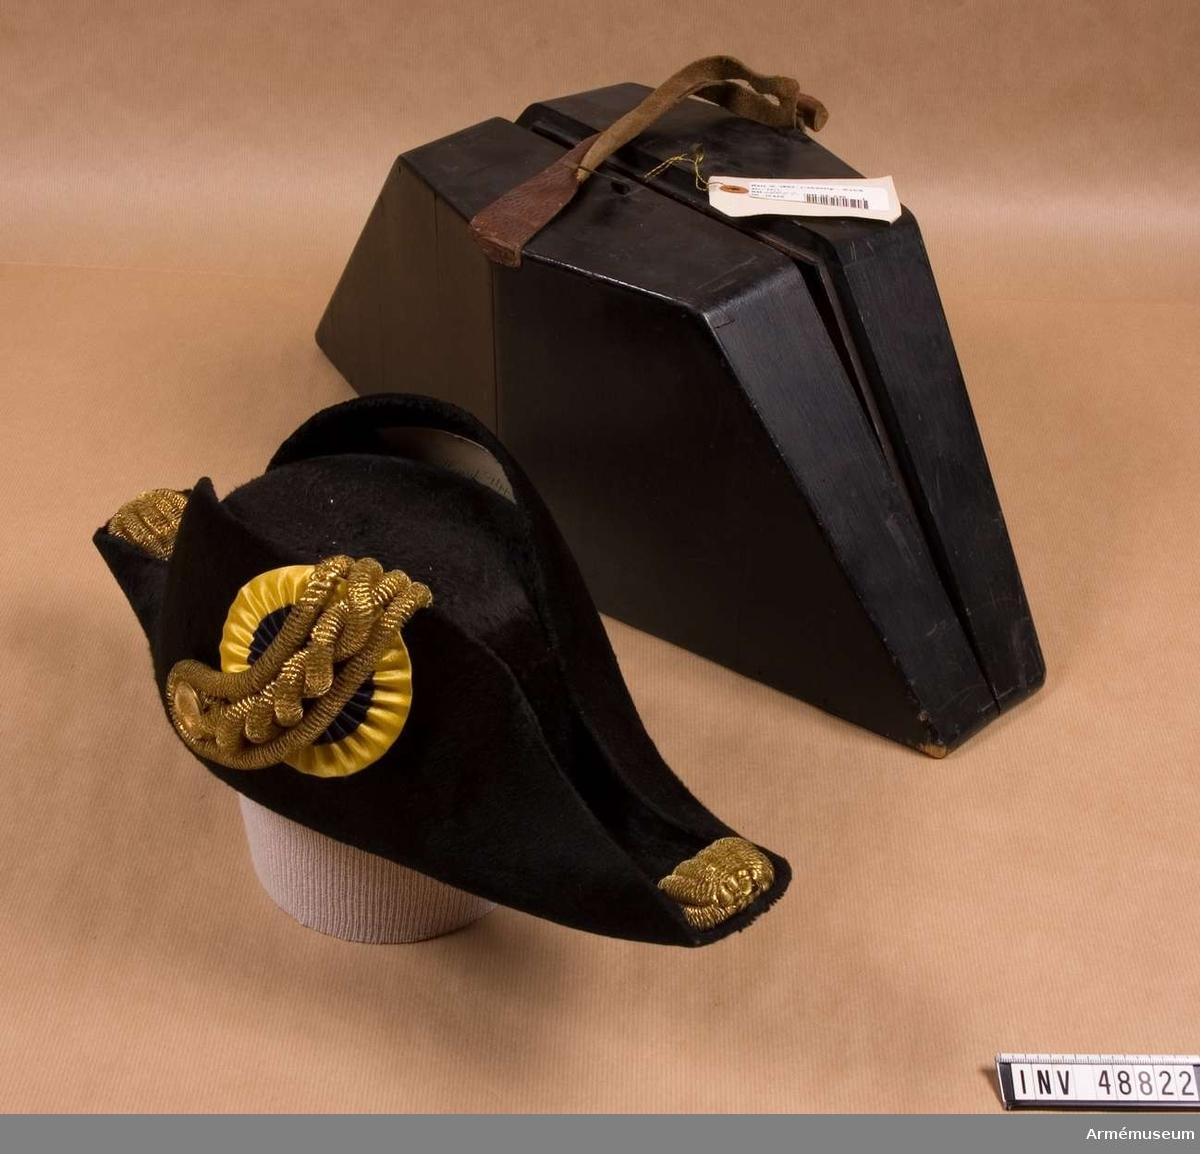 Grupp C I. Trekantig hatt. Uniform för musikdirektör vid Fortifikationen, bestående av  vapenrock, långbyxor, hatt, mössa. Buren av musikdirektör C J H Uppström.